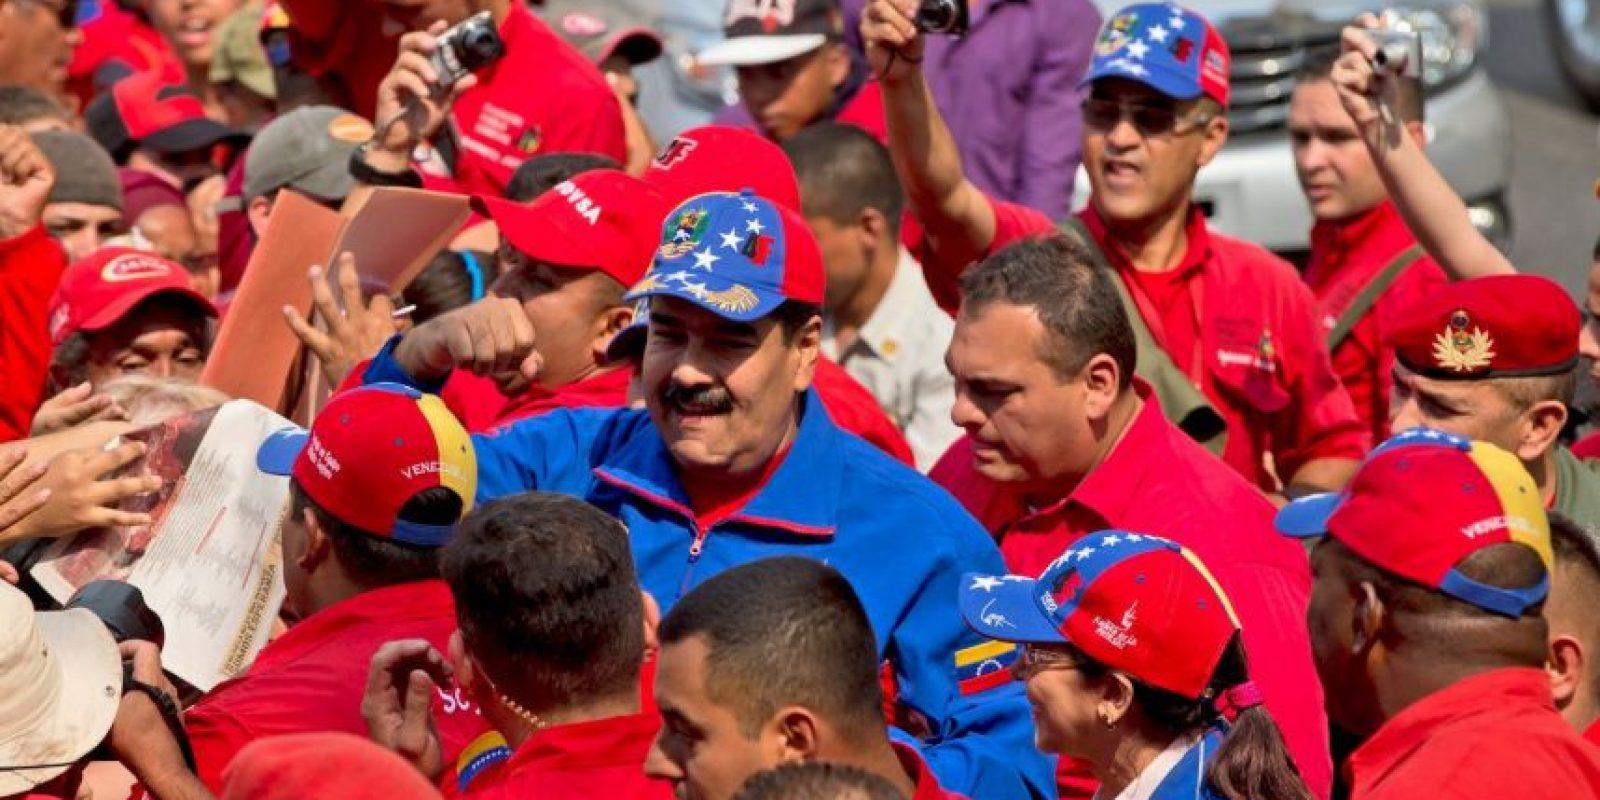 El pasado 1ro de mayo, Día del Trabajador, el mandatario encabezó una marcha en Caracas, Venezuela Foto:AP